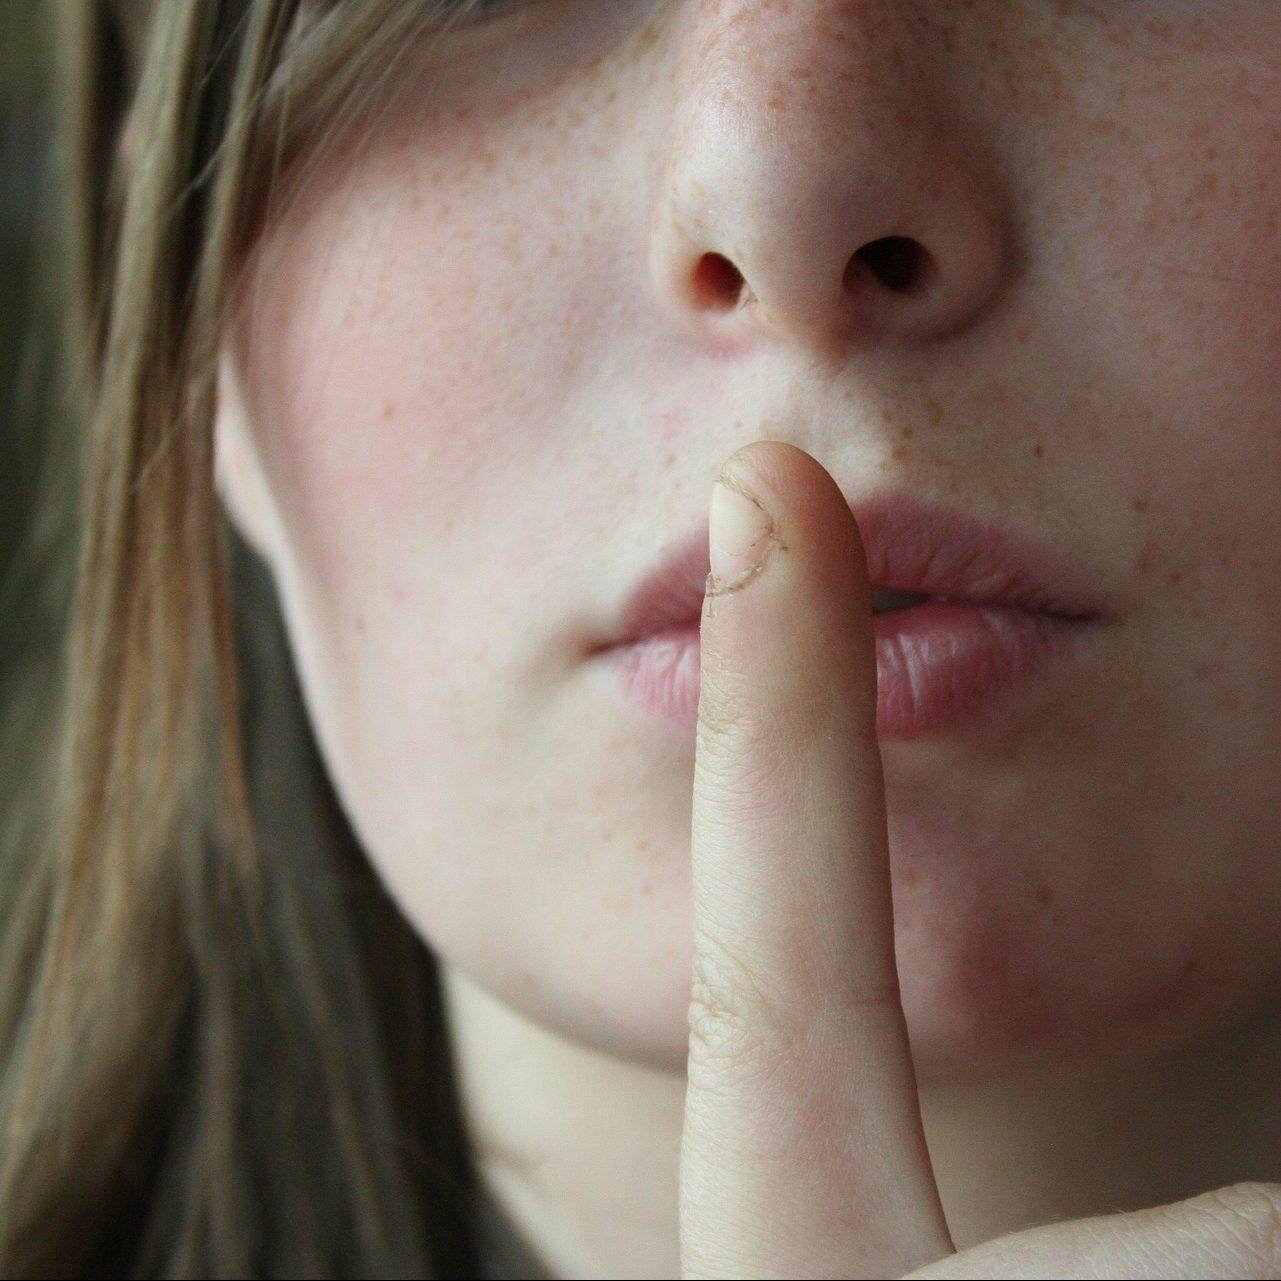 Dzień, w którym próbowali zamknąć mi usta